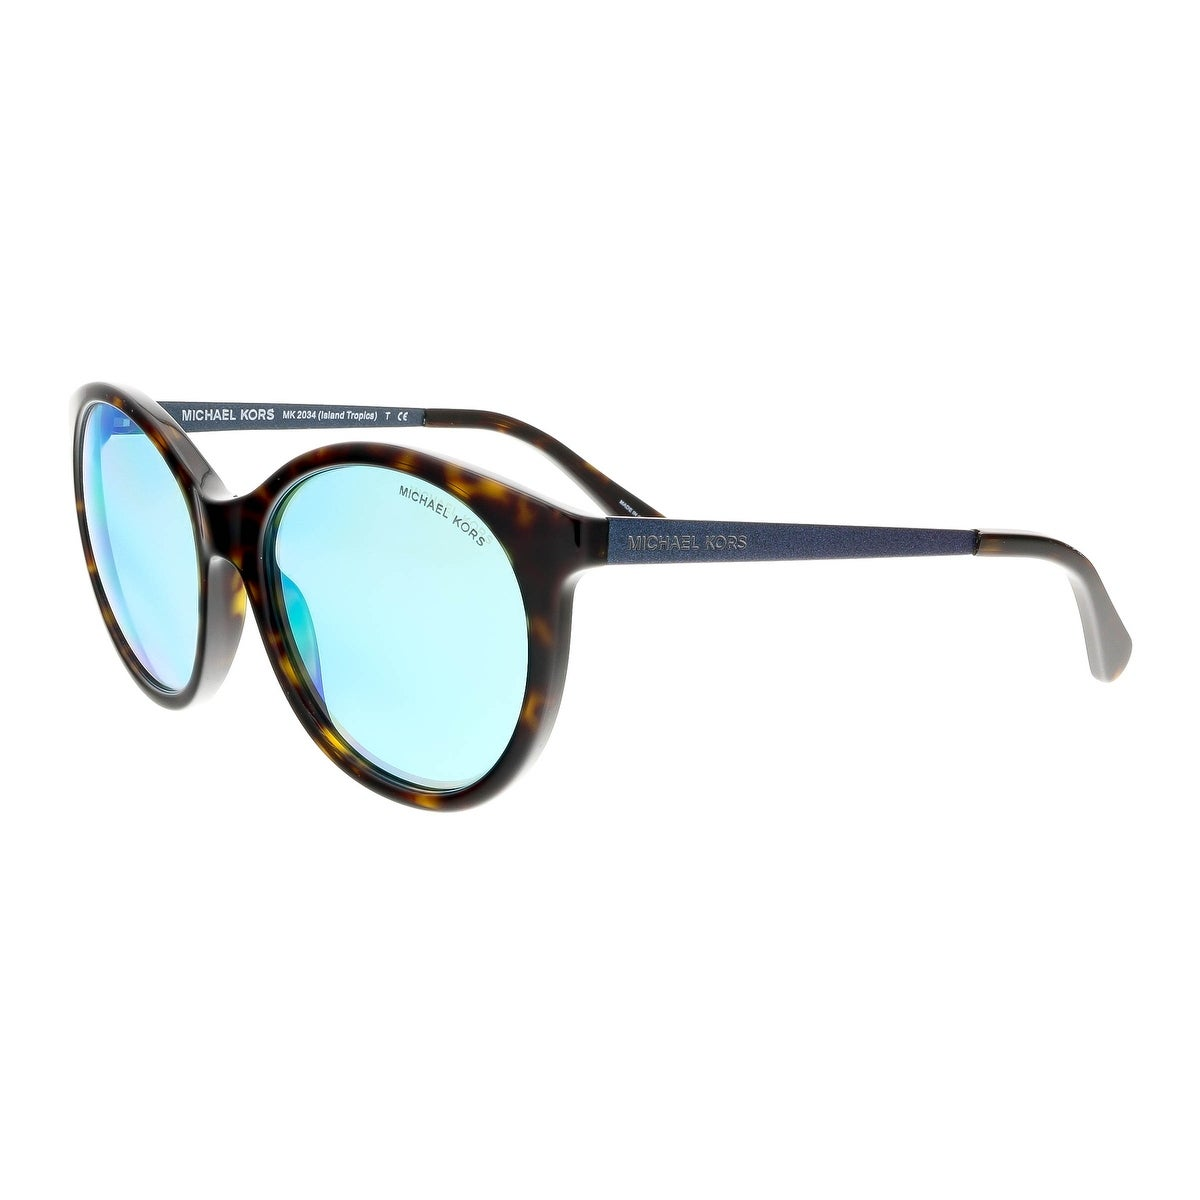 56c7e05c9b Round Michael Kors Women s Sunglasses